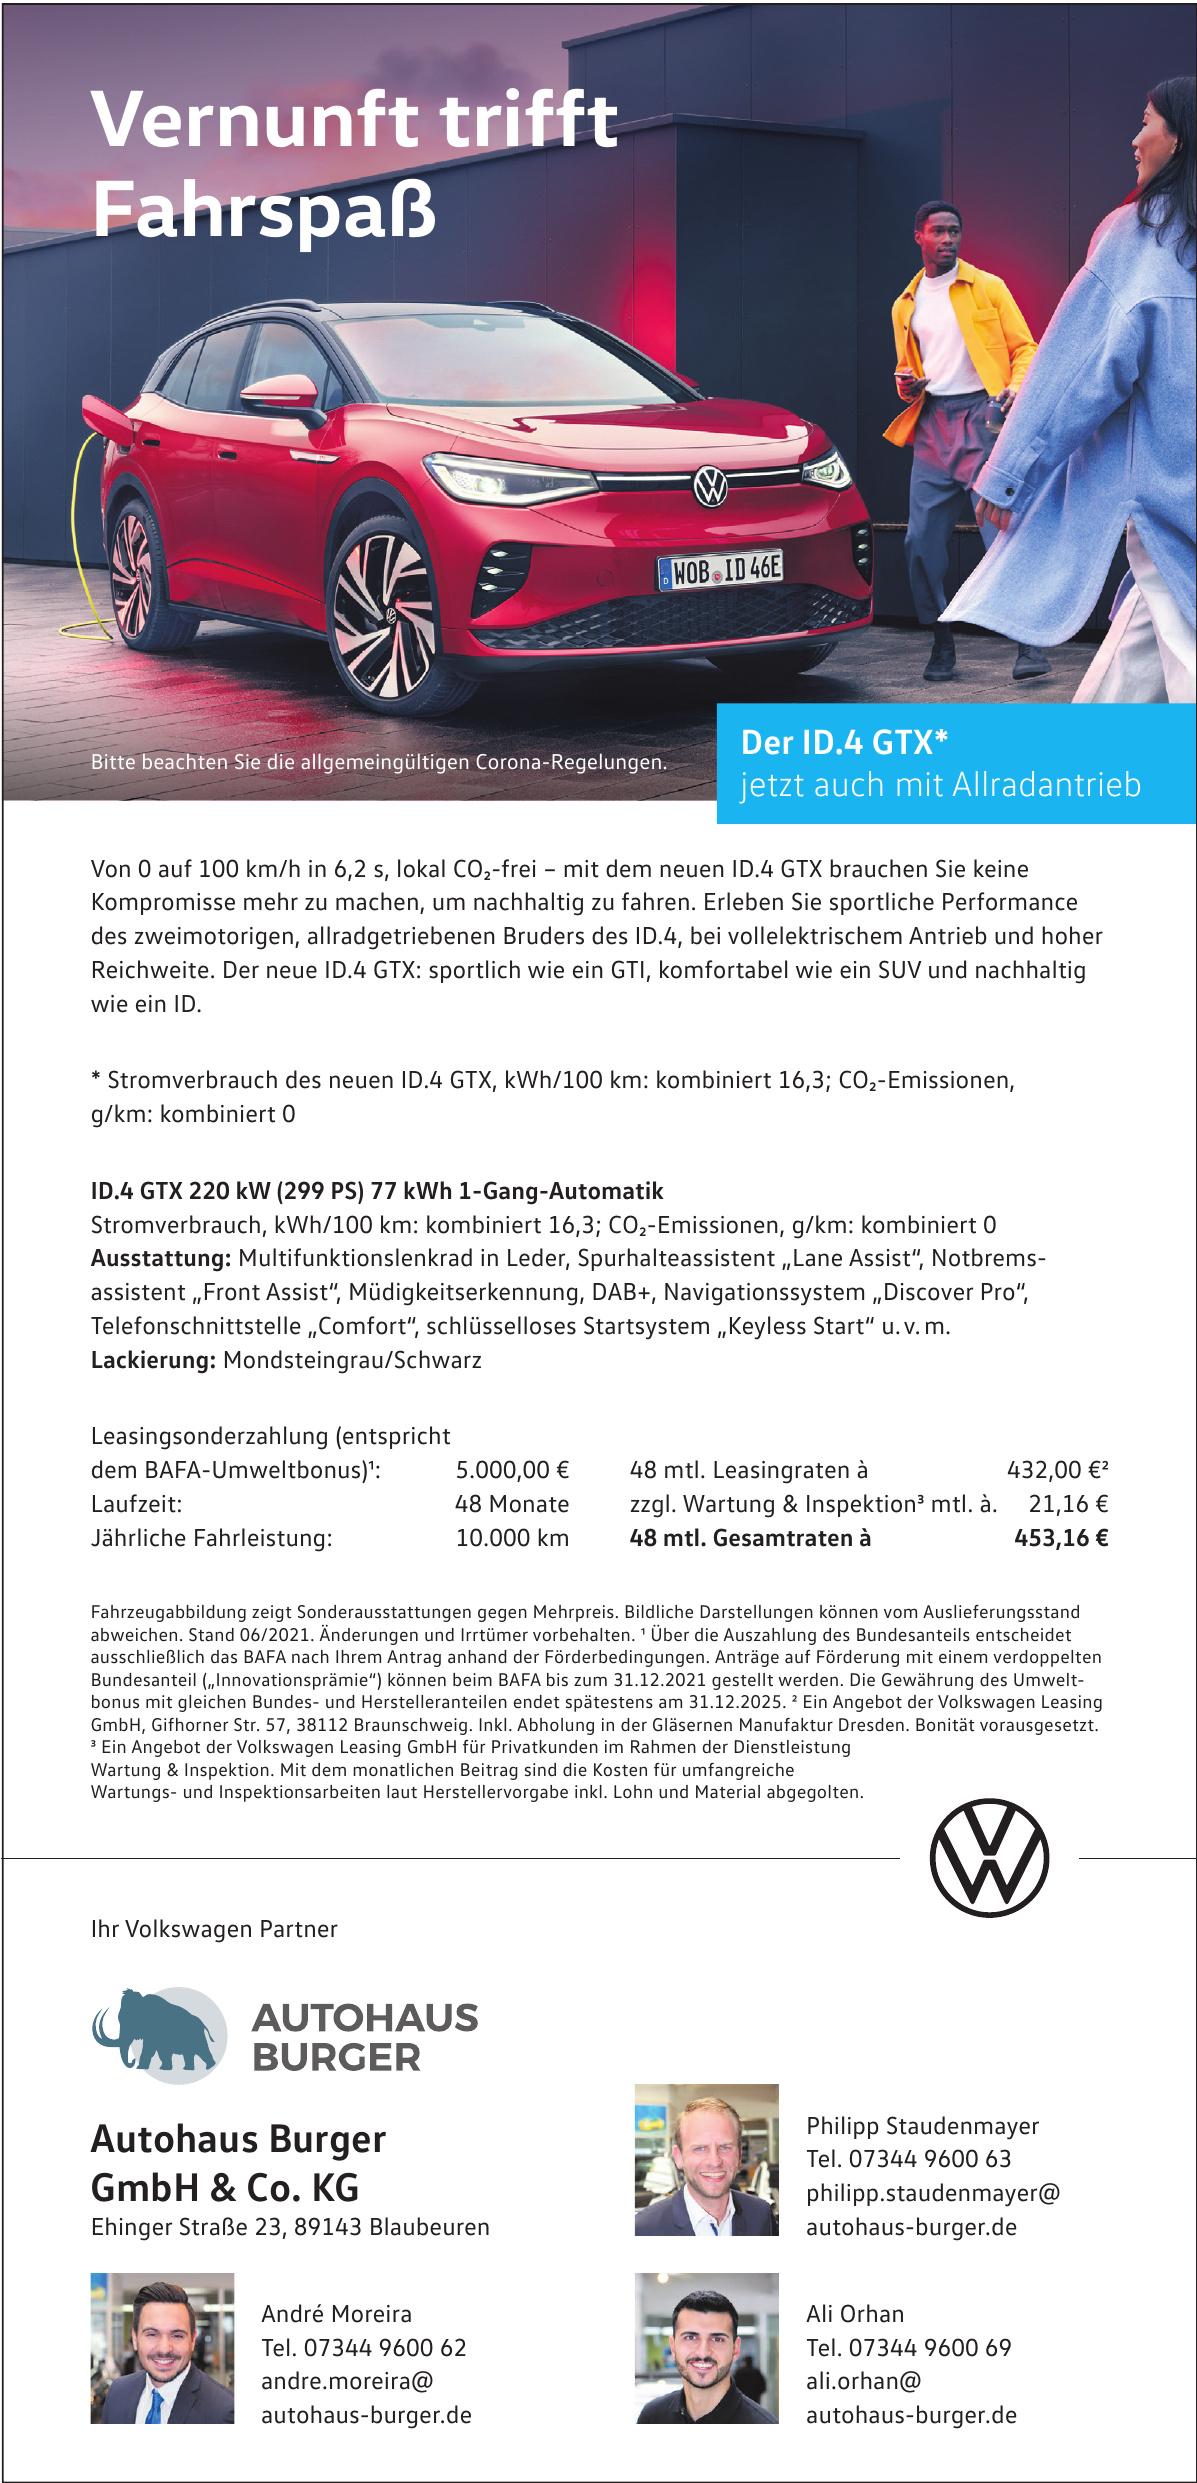 Autohaus Burger GmbH & Co. KG